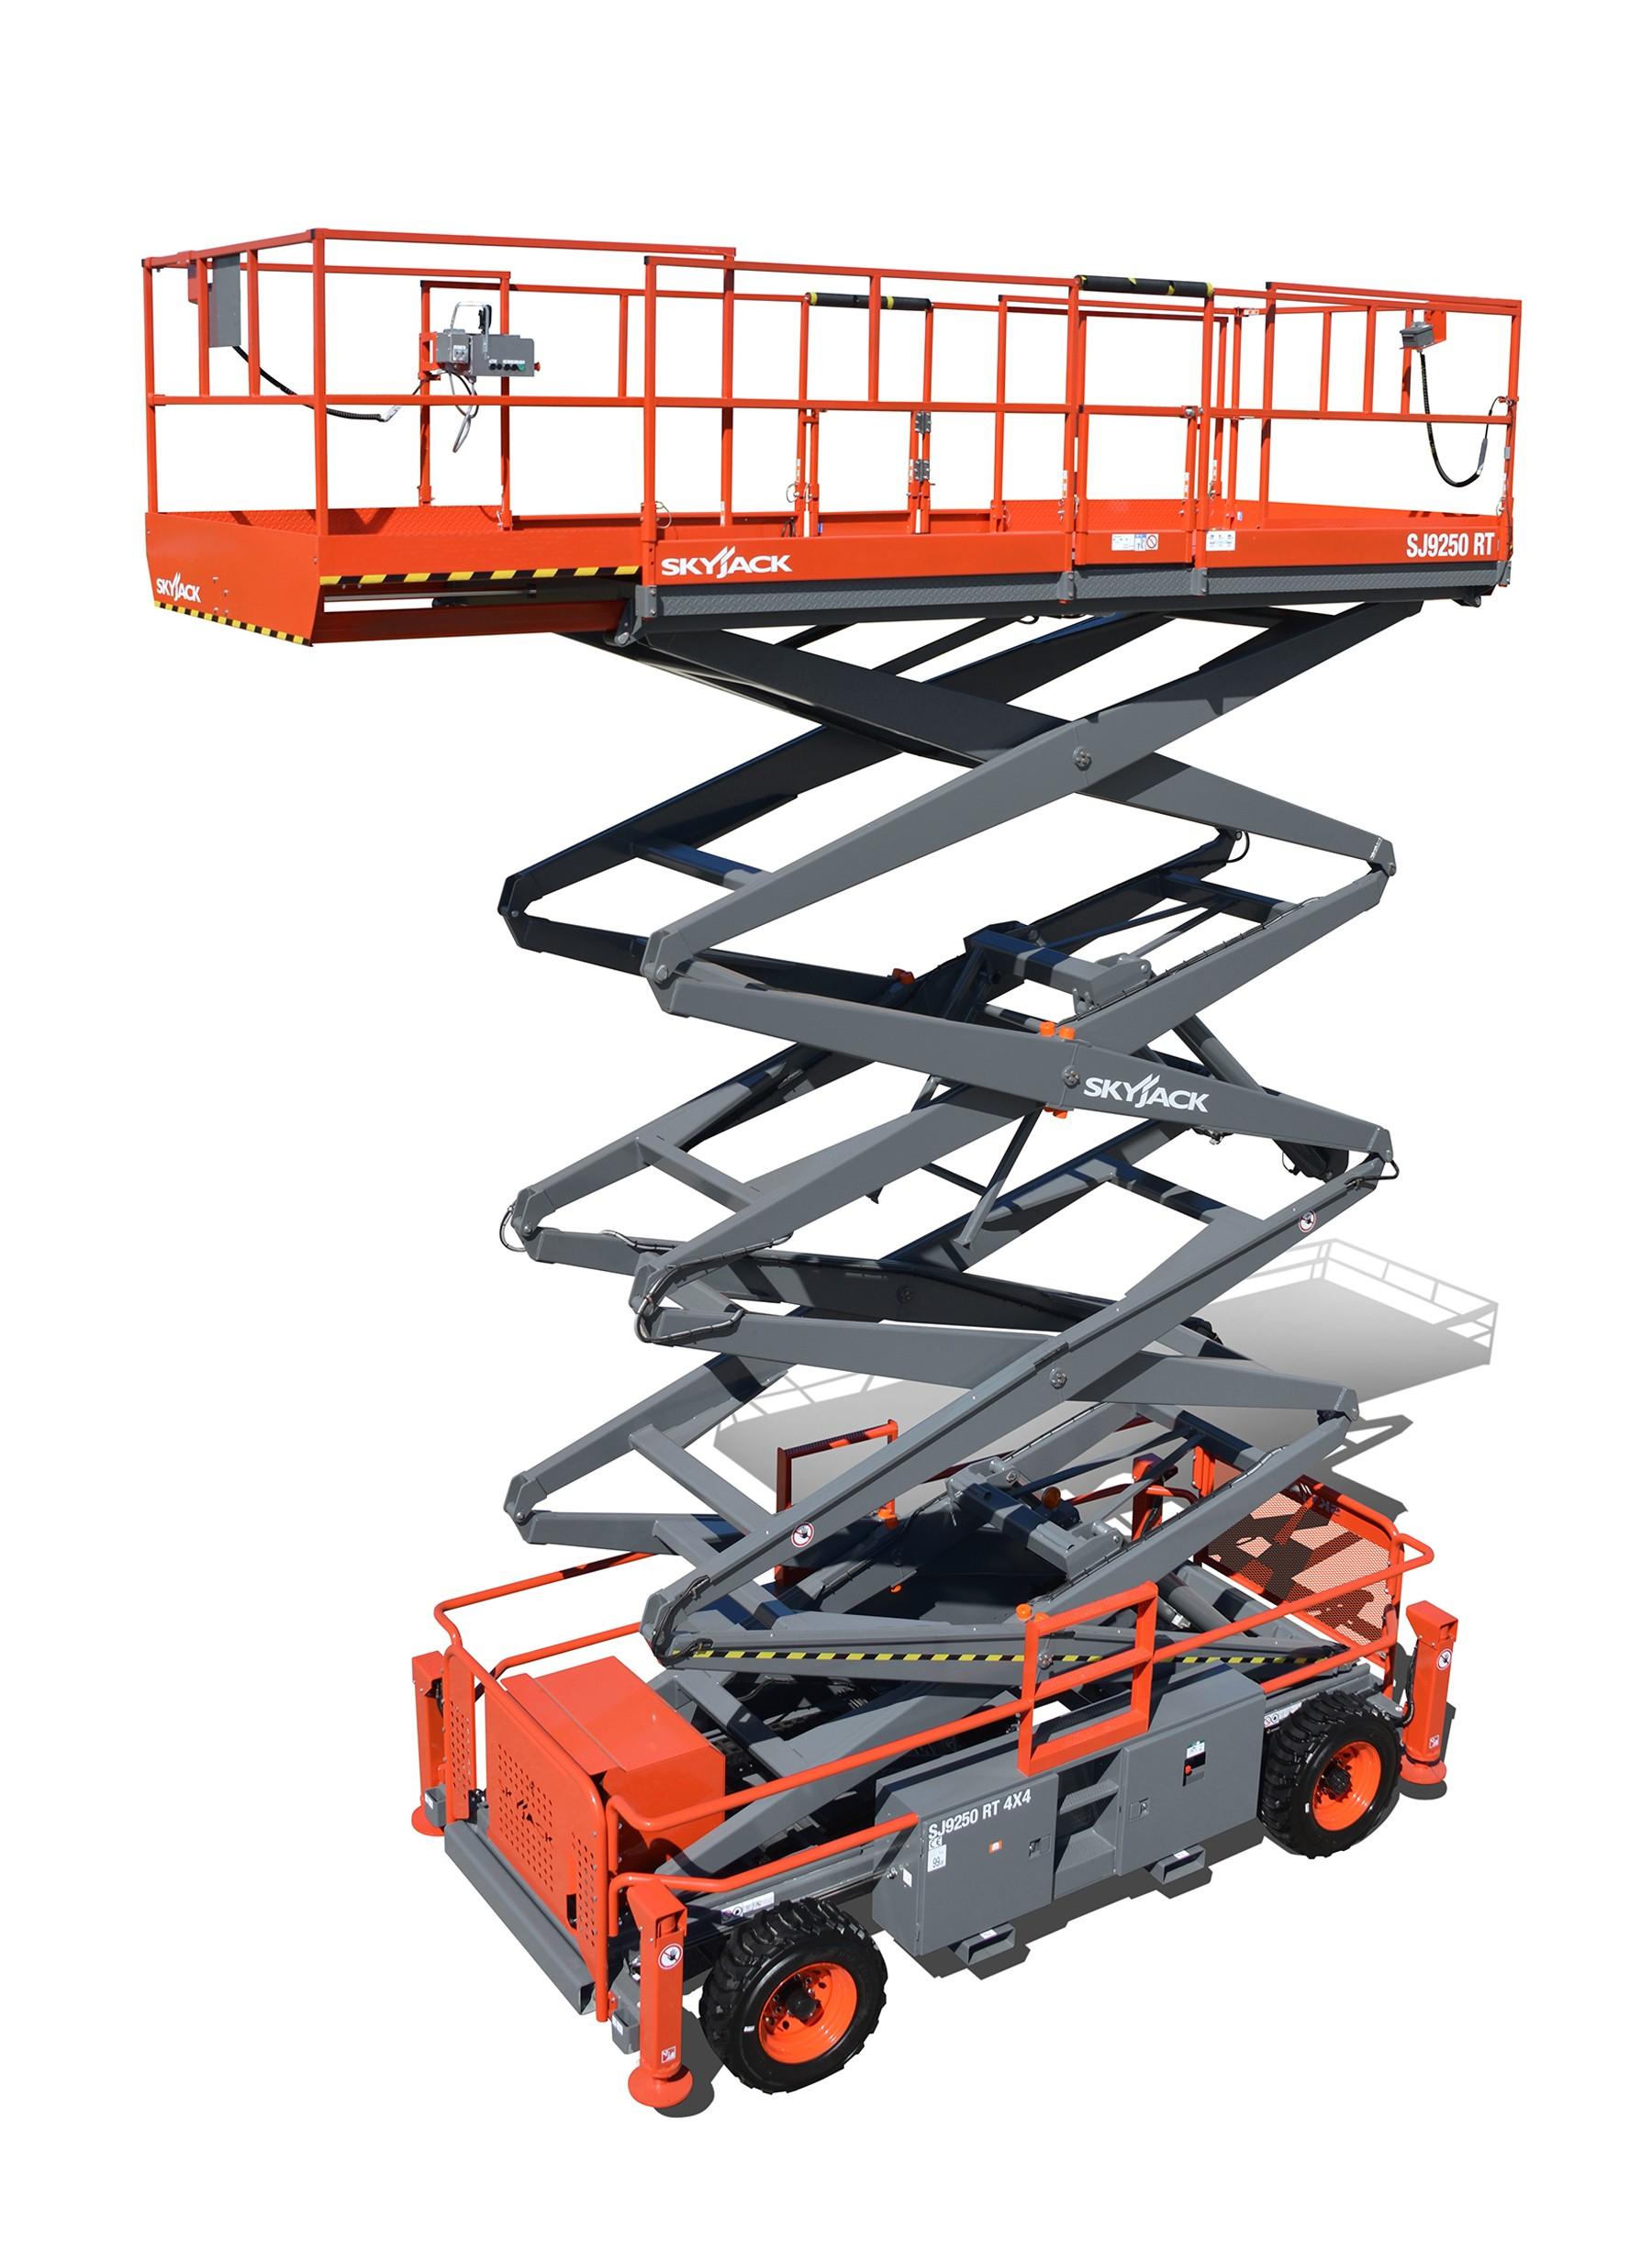 SJ9250 RT - 17.07M (56.00Ft) Diesel Scissor Lift